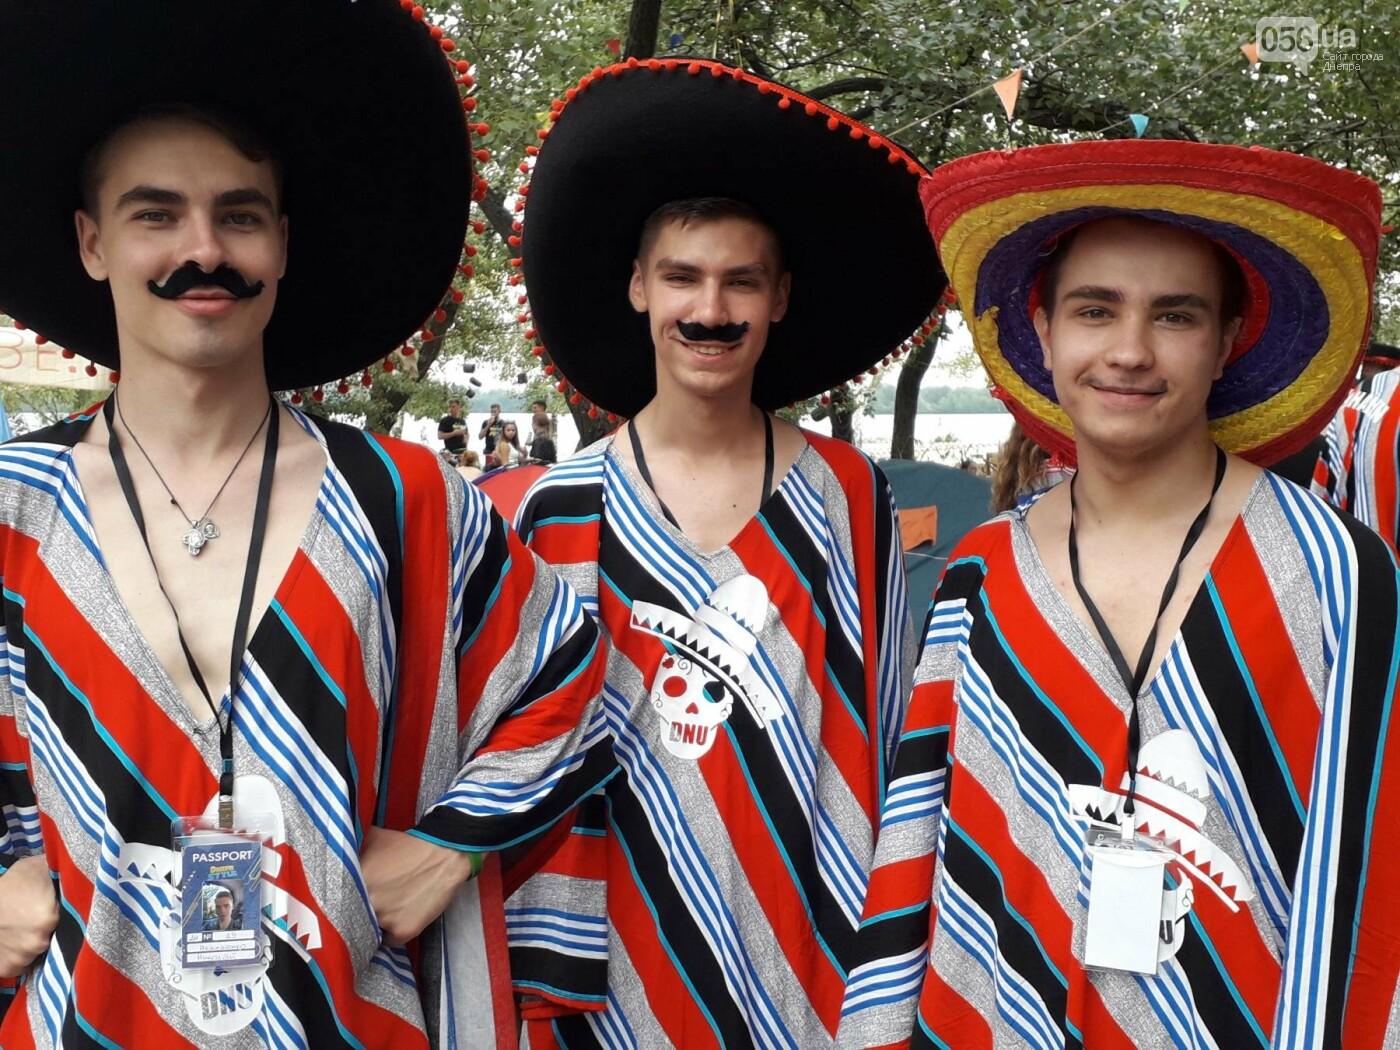 В Днепре стартовал масштабный молодежный фестиваль: как прошло открытие,  - ФОТО, фото-11